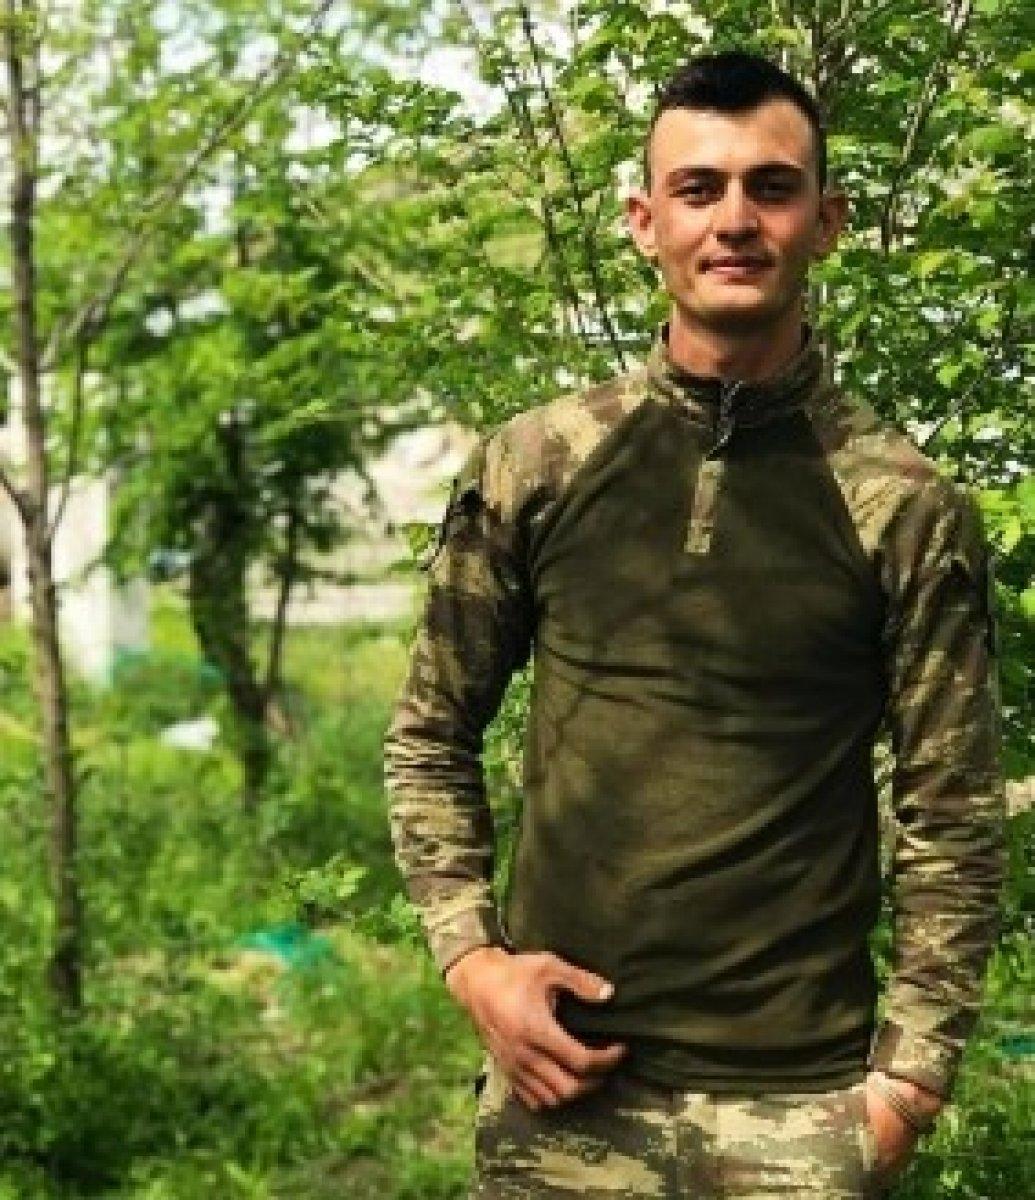 Şehit Piyade Uzman Çavuş Ahmet Asan ın ailesine acı haber verildi #2